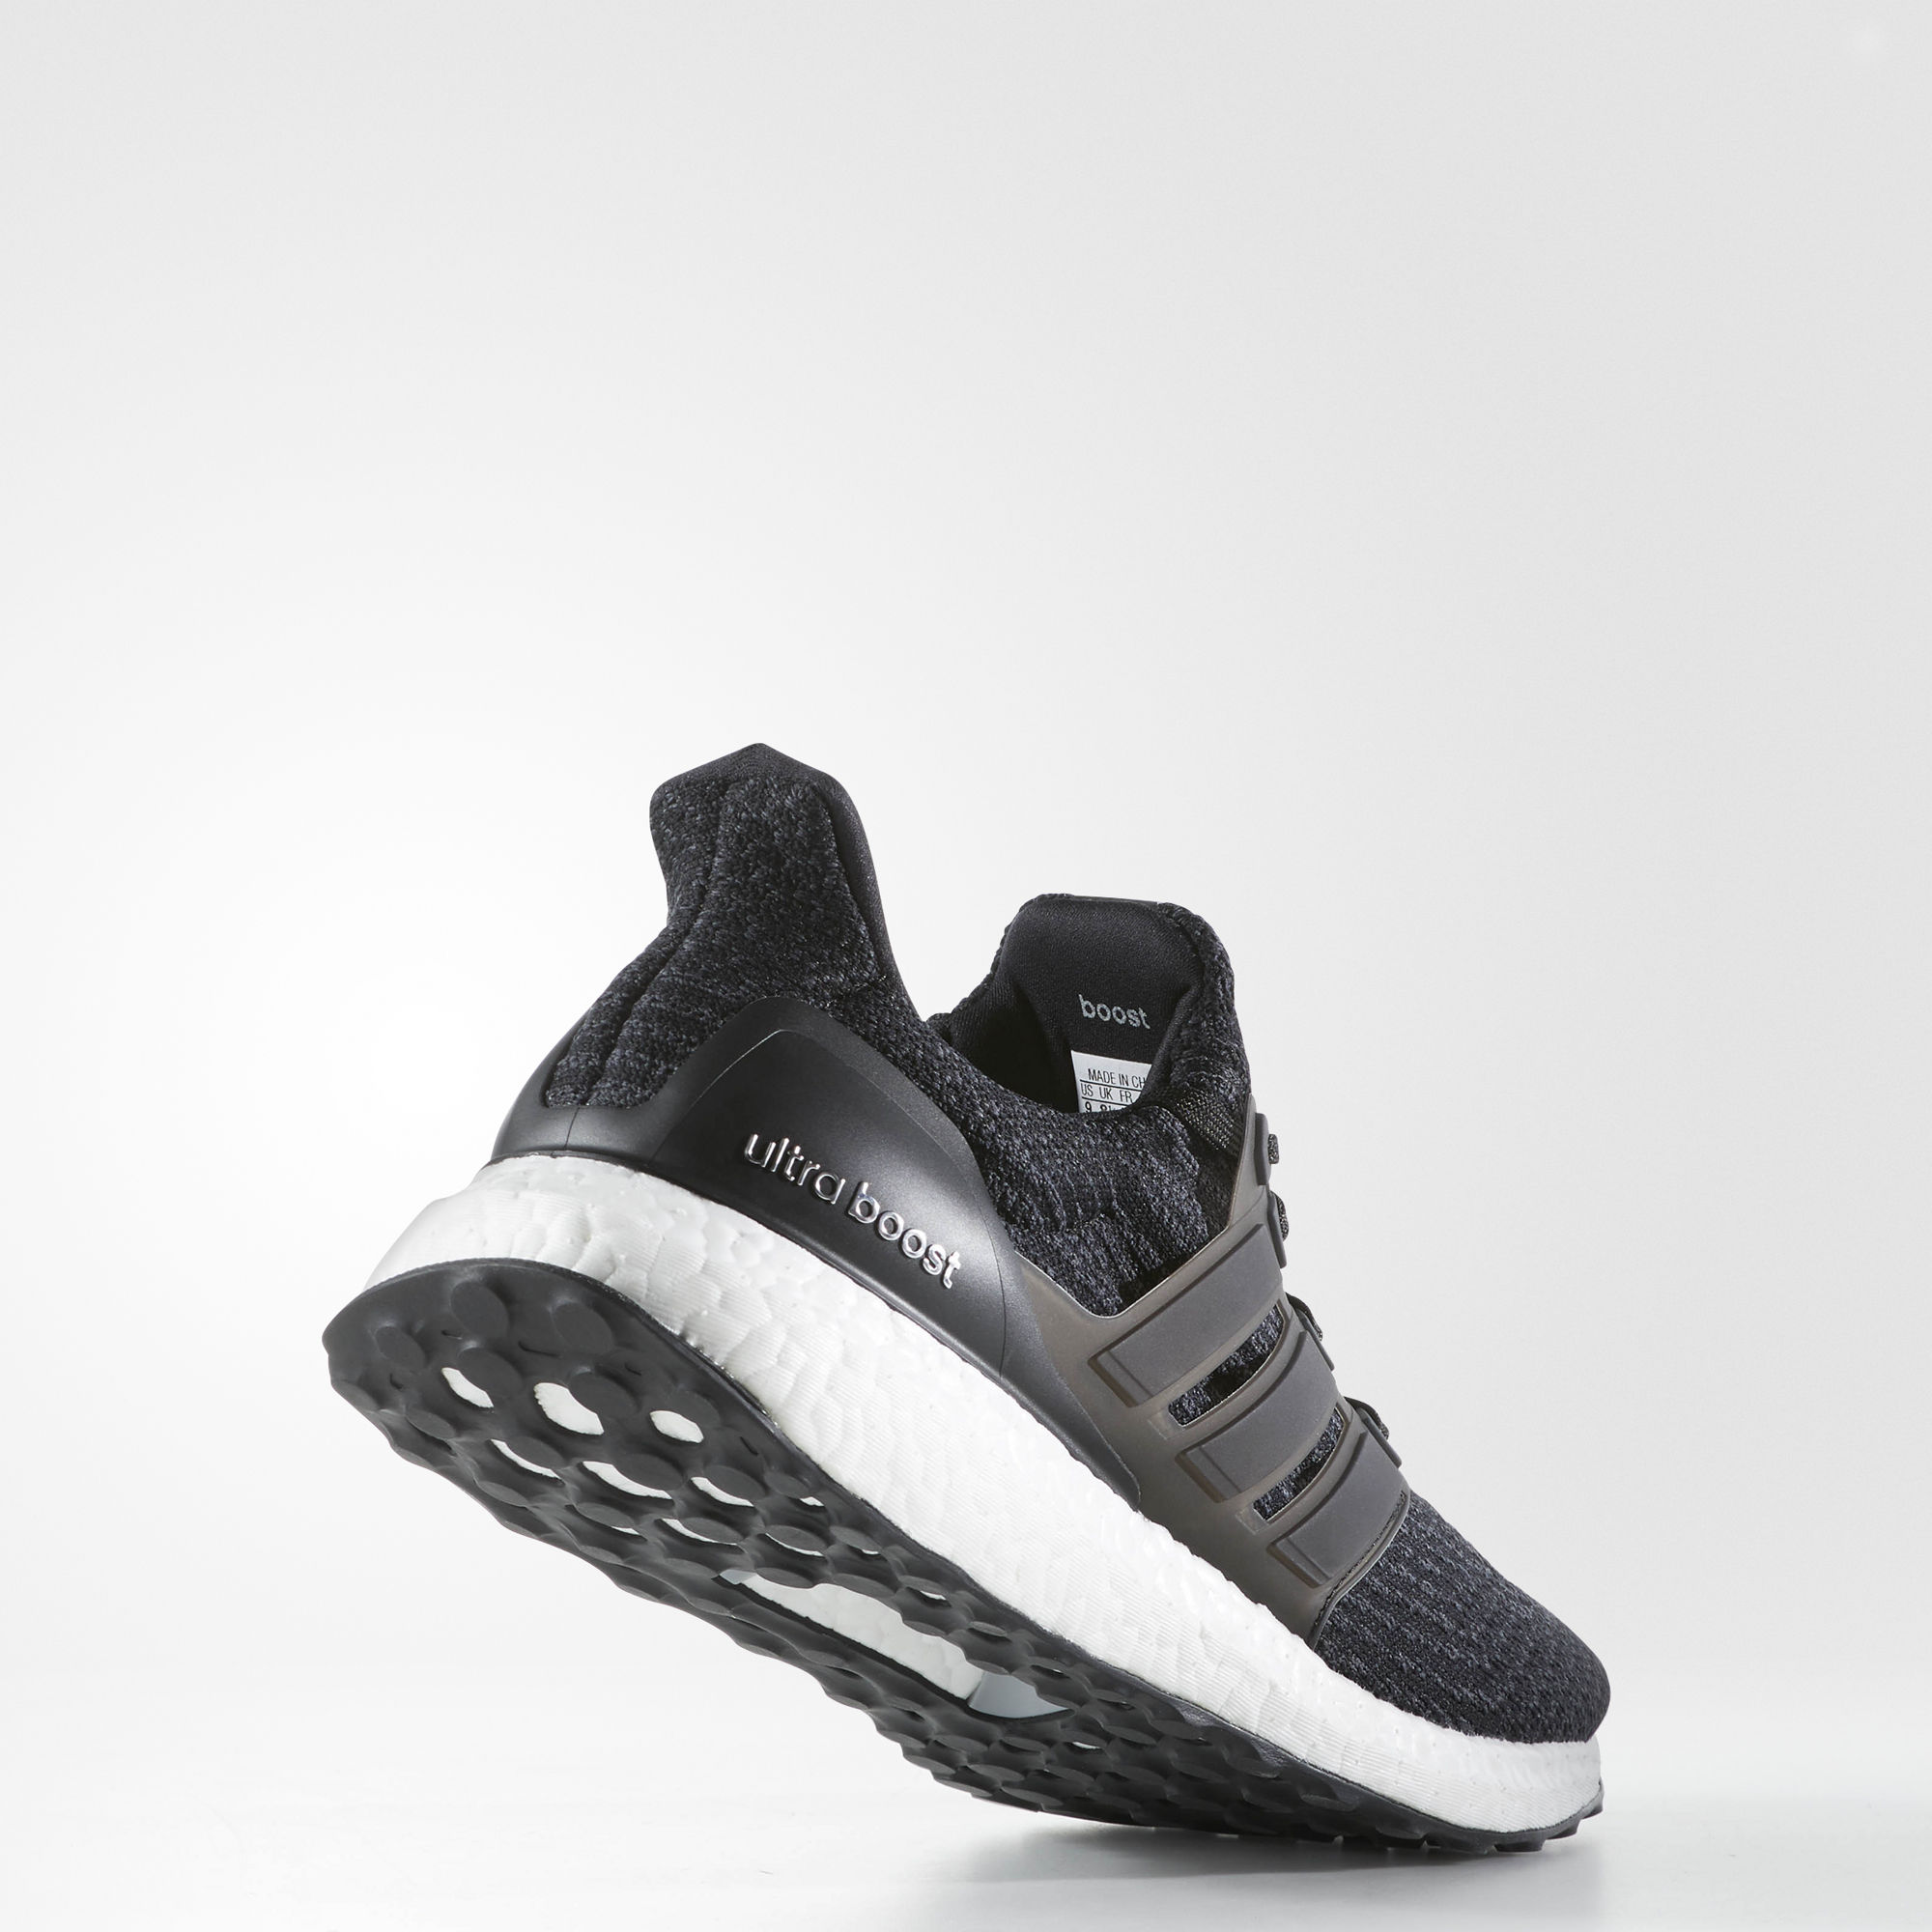 adidas UltraBOOST in Schwarz Weiß